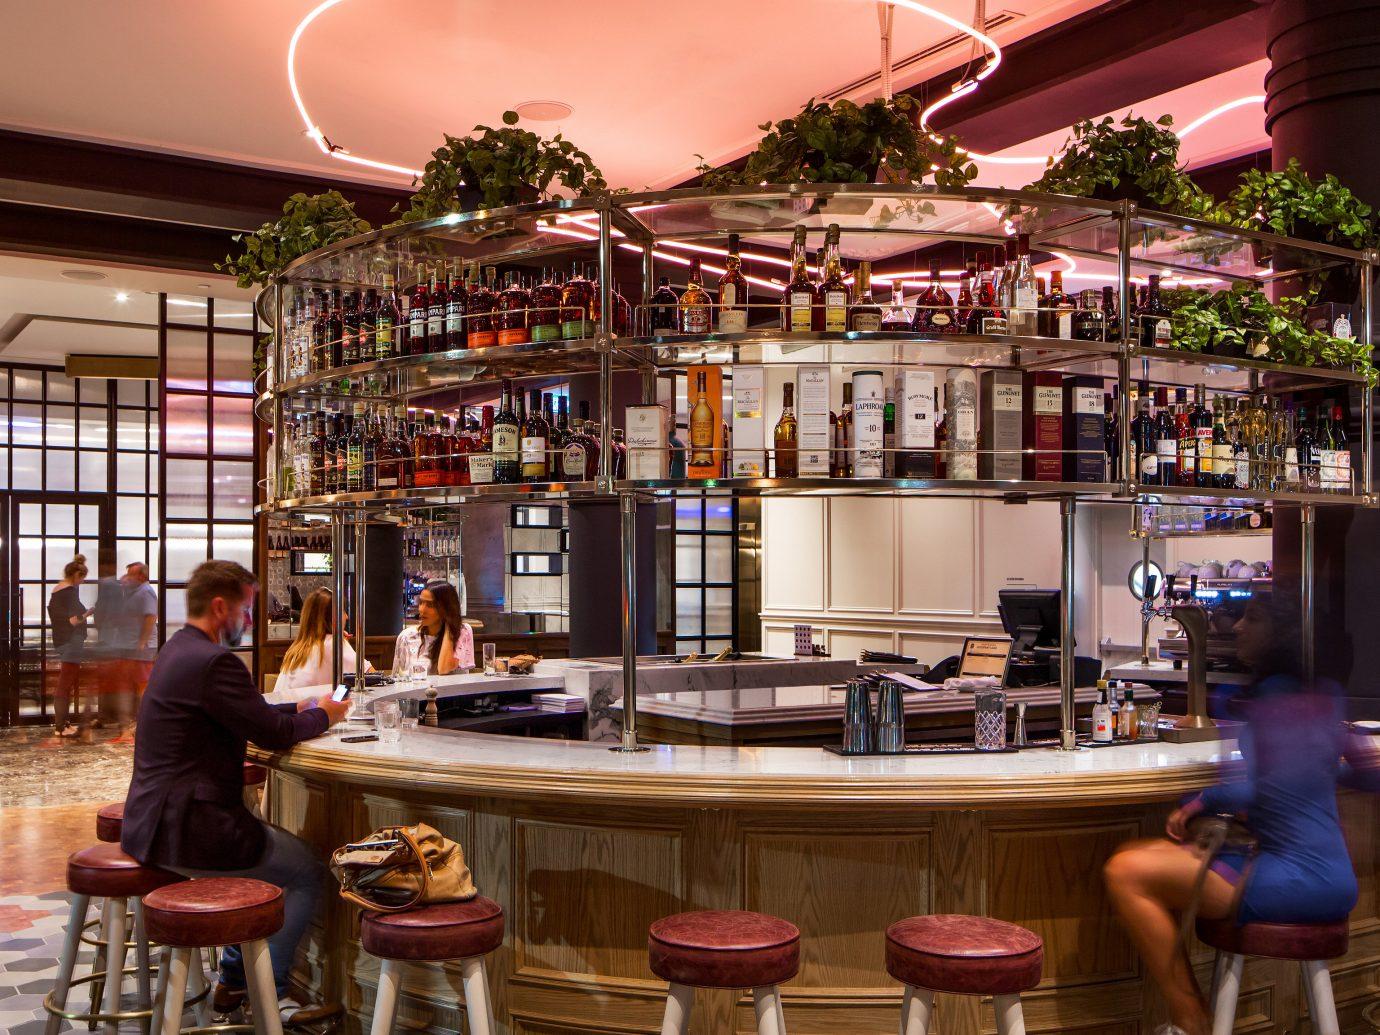 Canada Hotels Toronto building restaurant Bar interior design café several